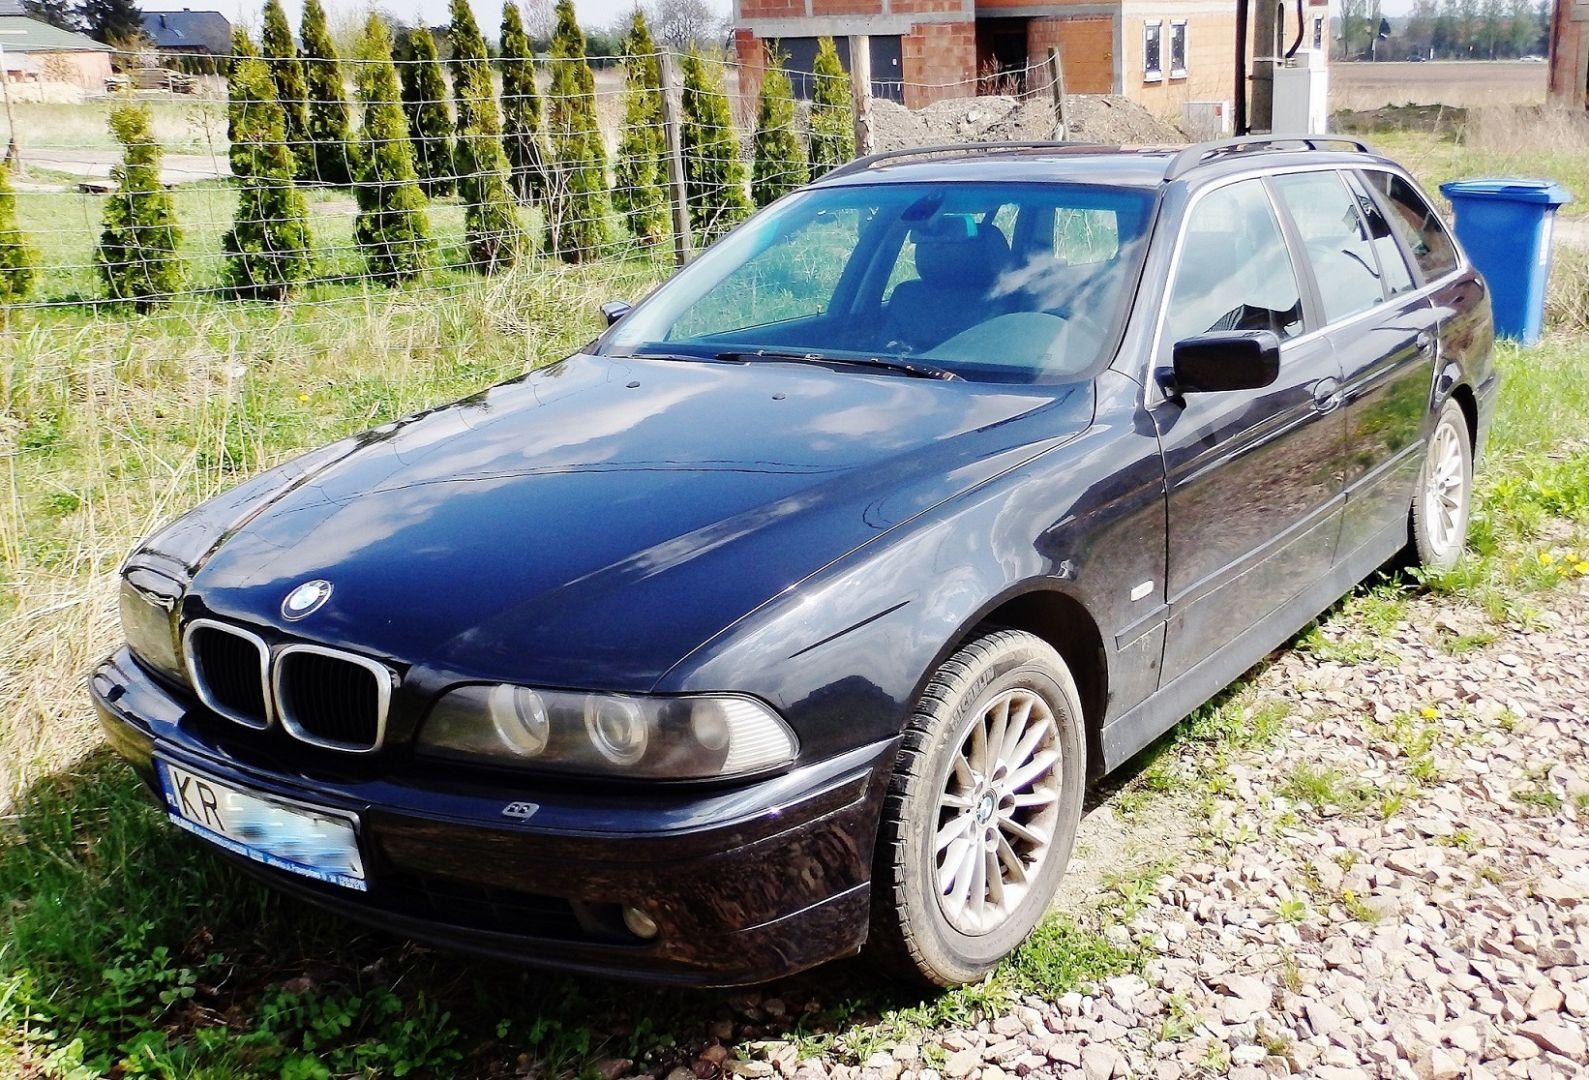 Super Sprzedam 2002 BMW Seria 5, 3.0 diesel. Samochód osobowy,kombi TN26